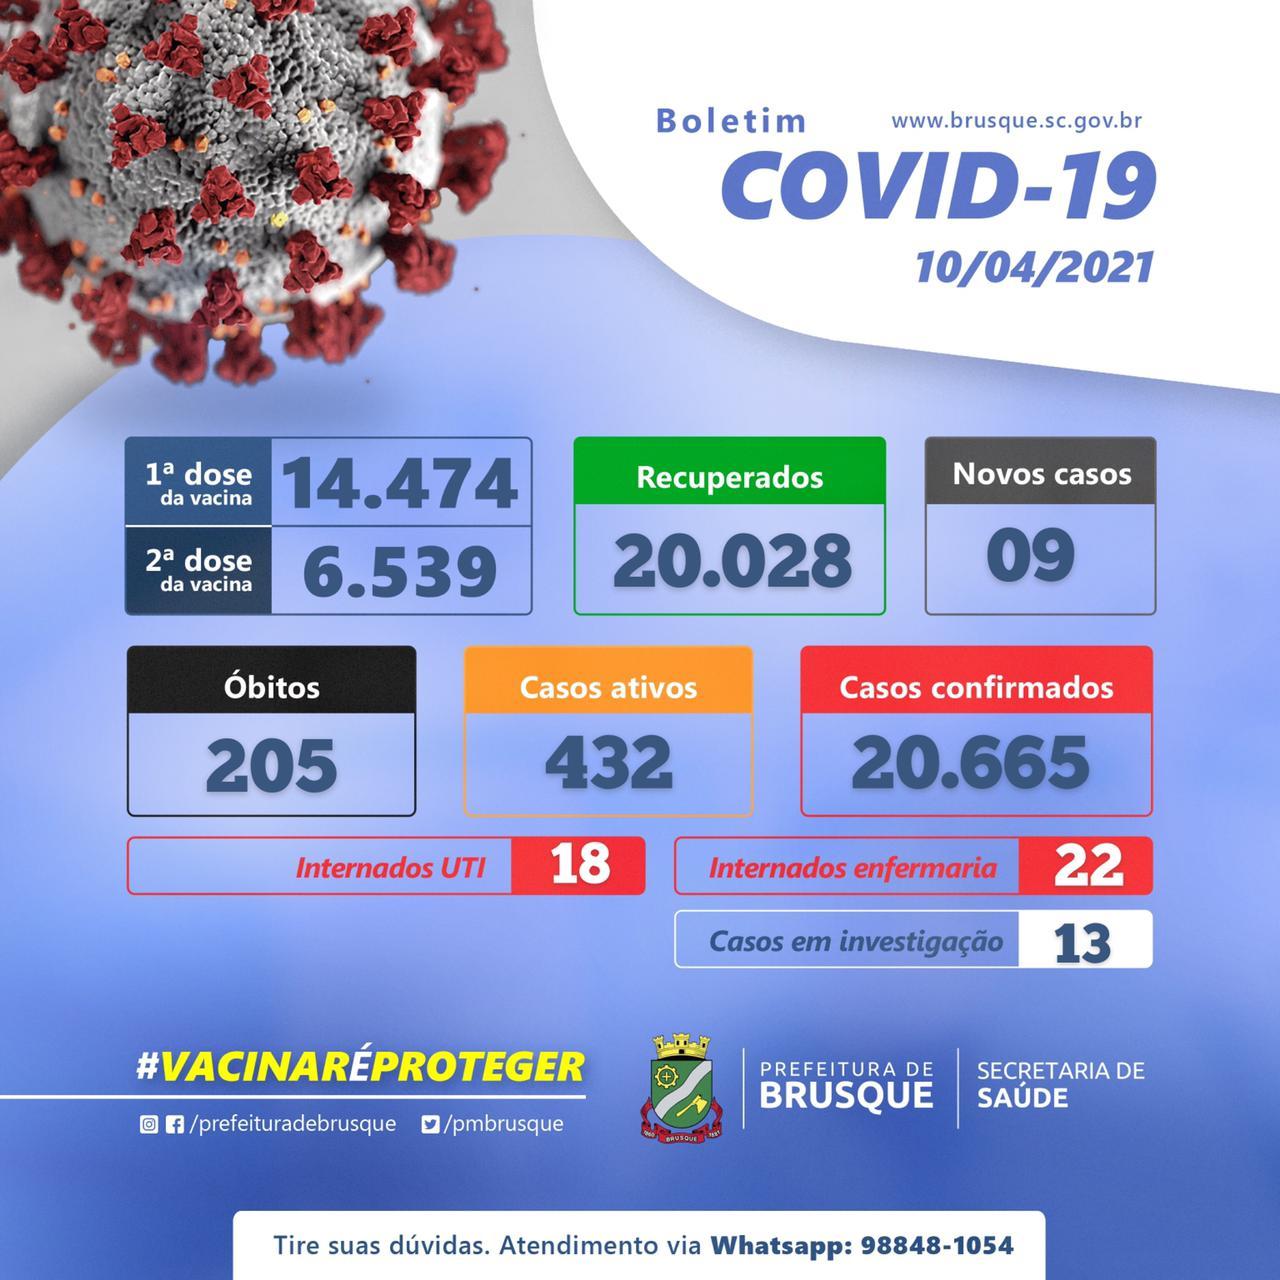 Covid-19: Boletim epidemiológico sábado (10/04)